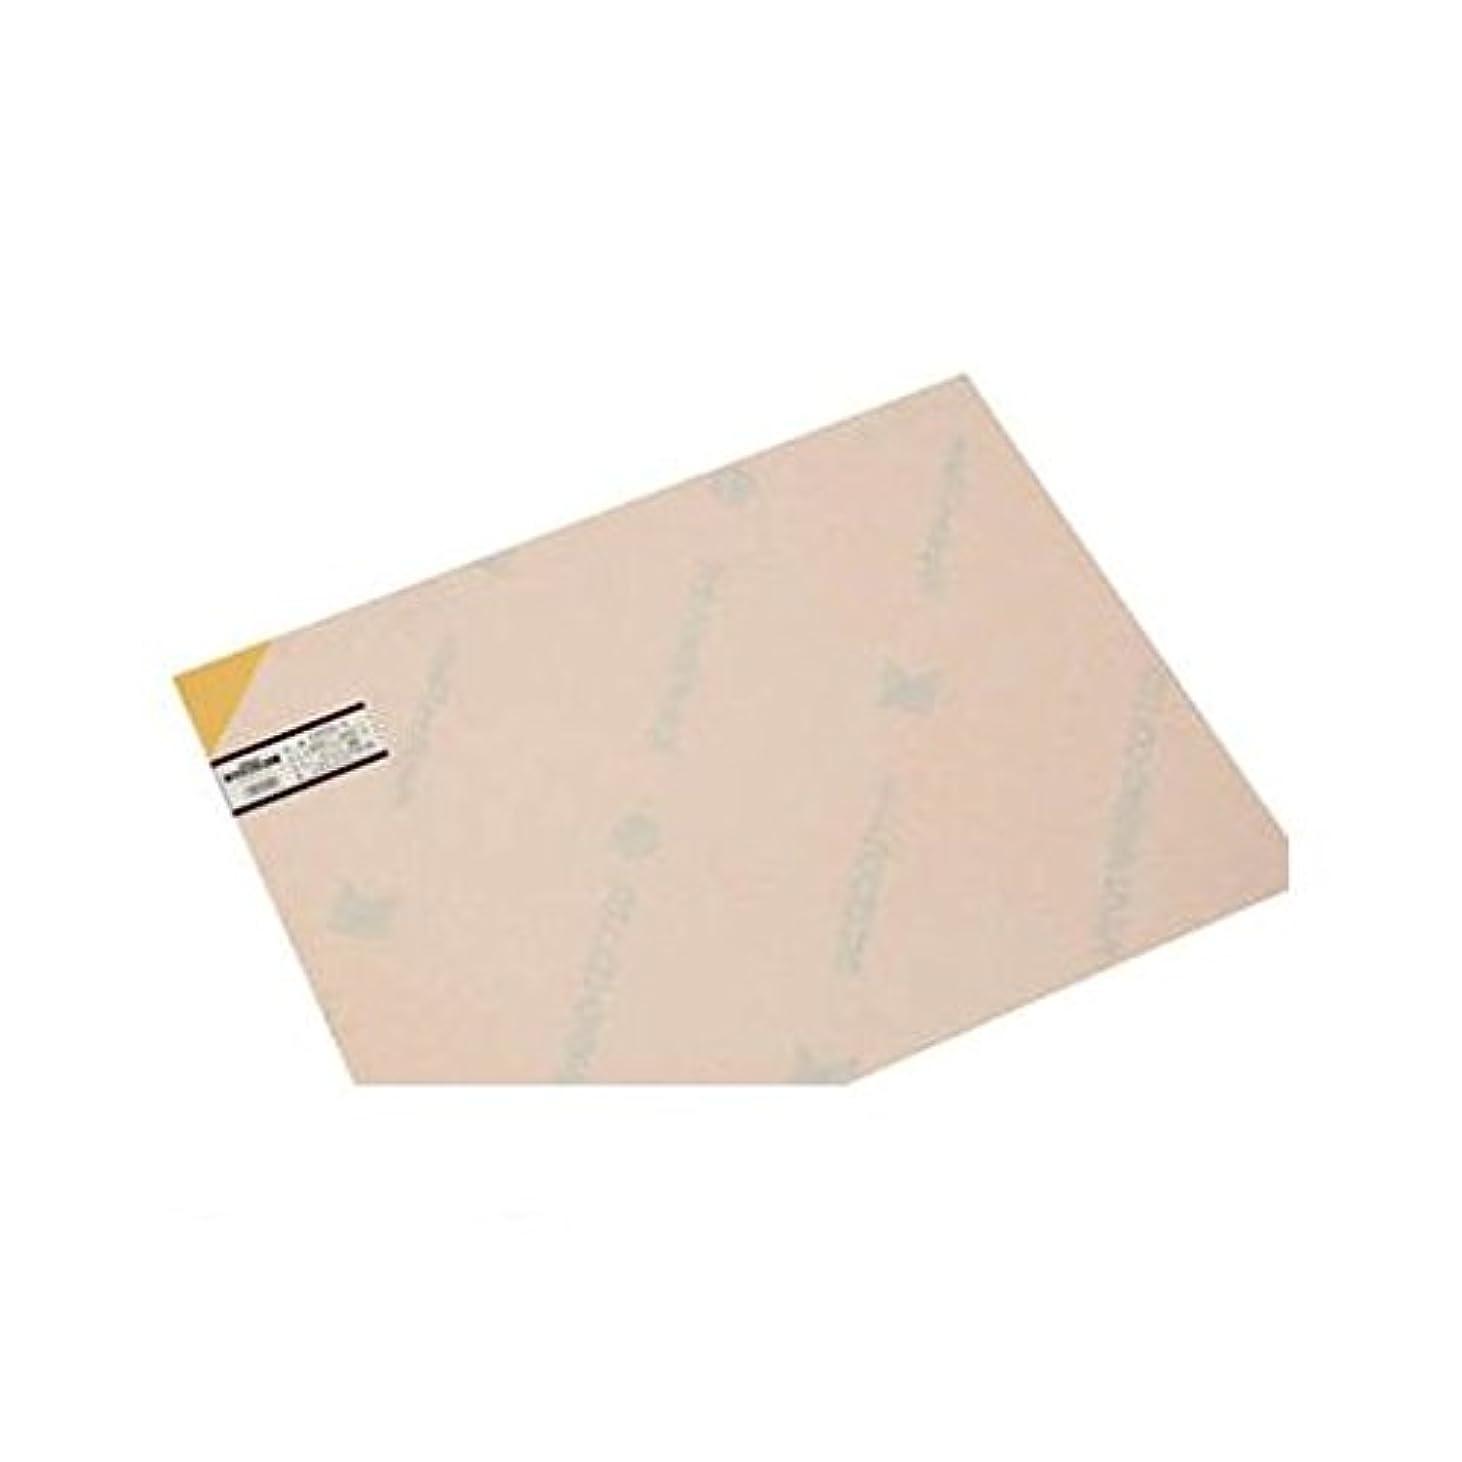 計画きれいに職業CR57578 エンビ板オレンジ透明